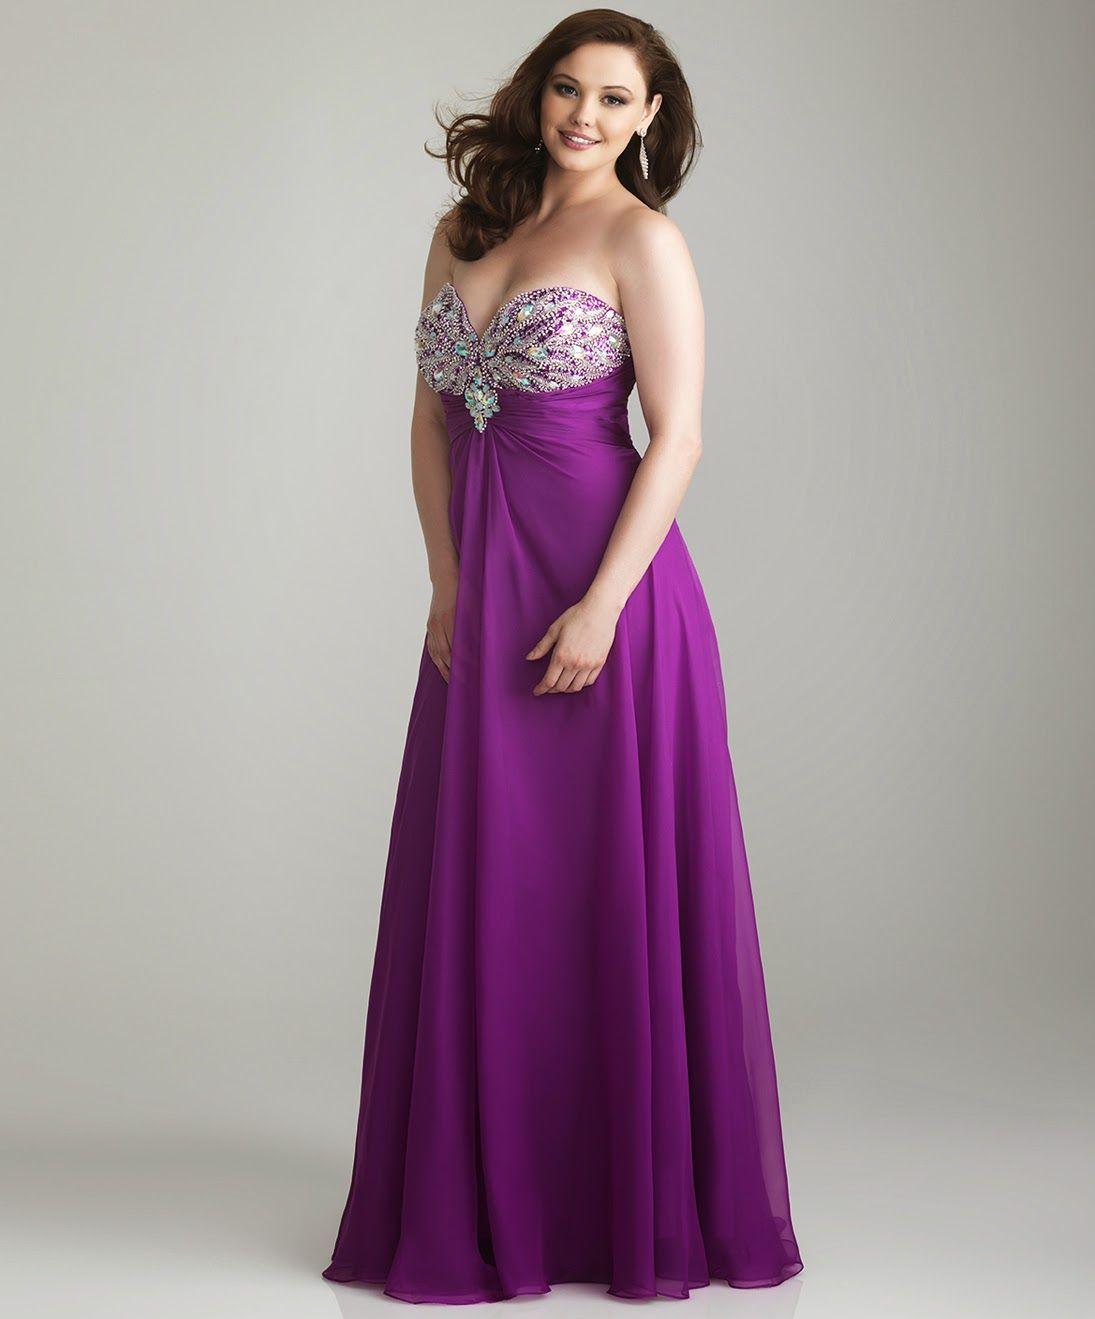 Increíble Vestirse Para Prom Friso - Vestido de Novia Para Las Ideas ...